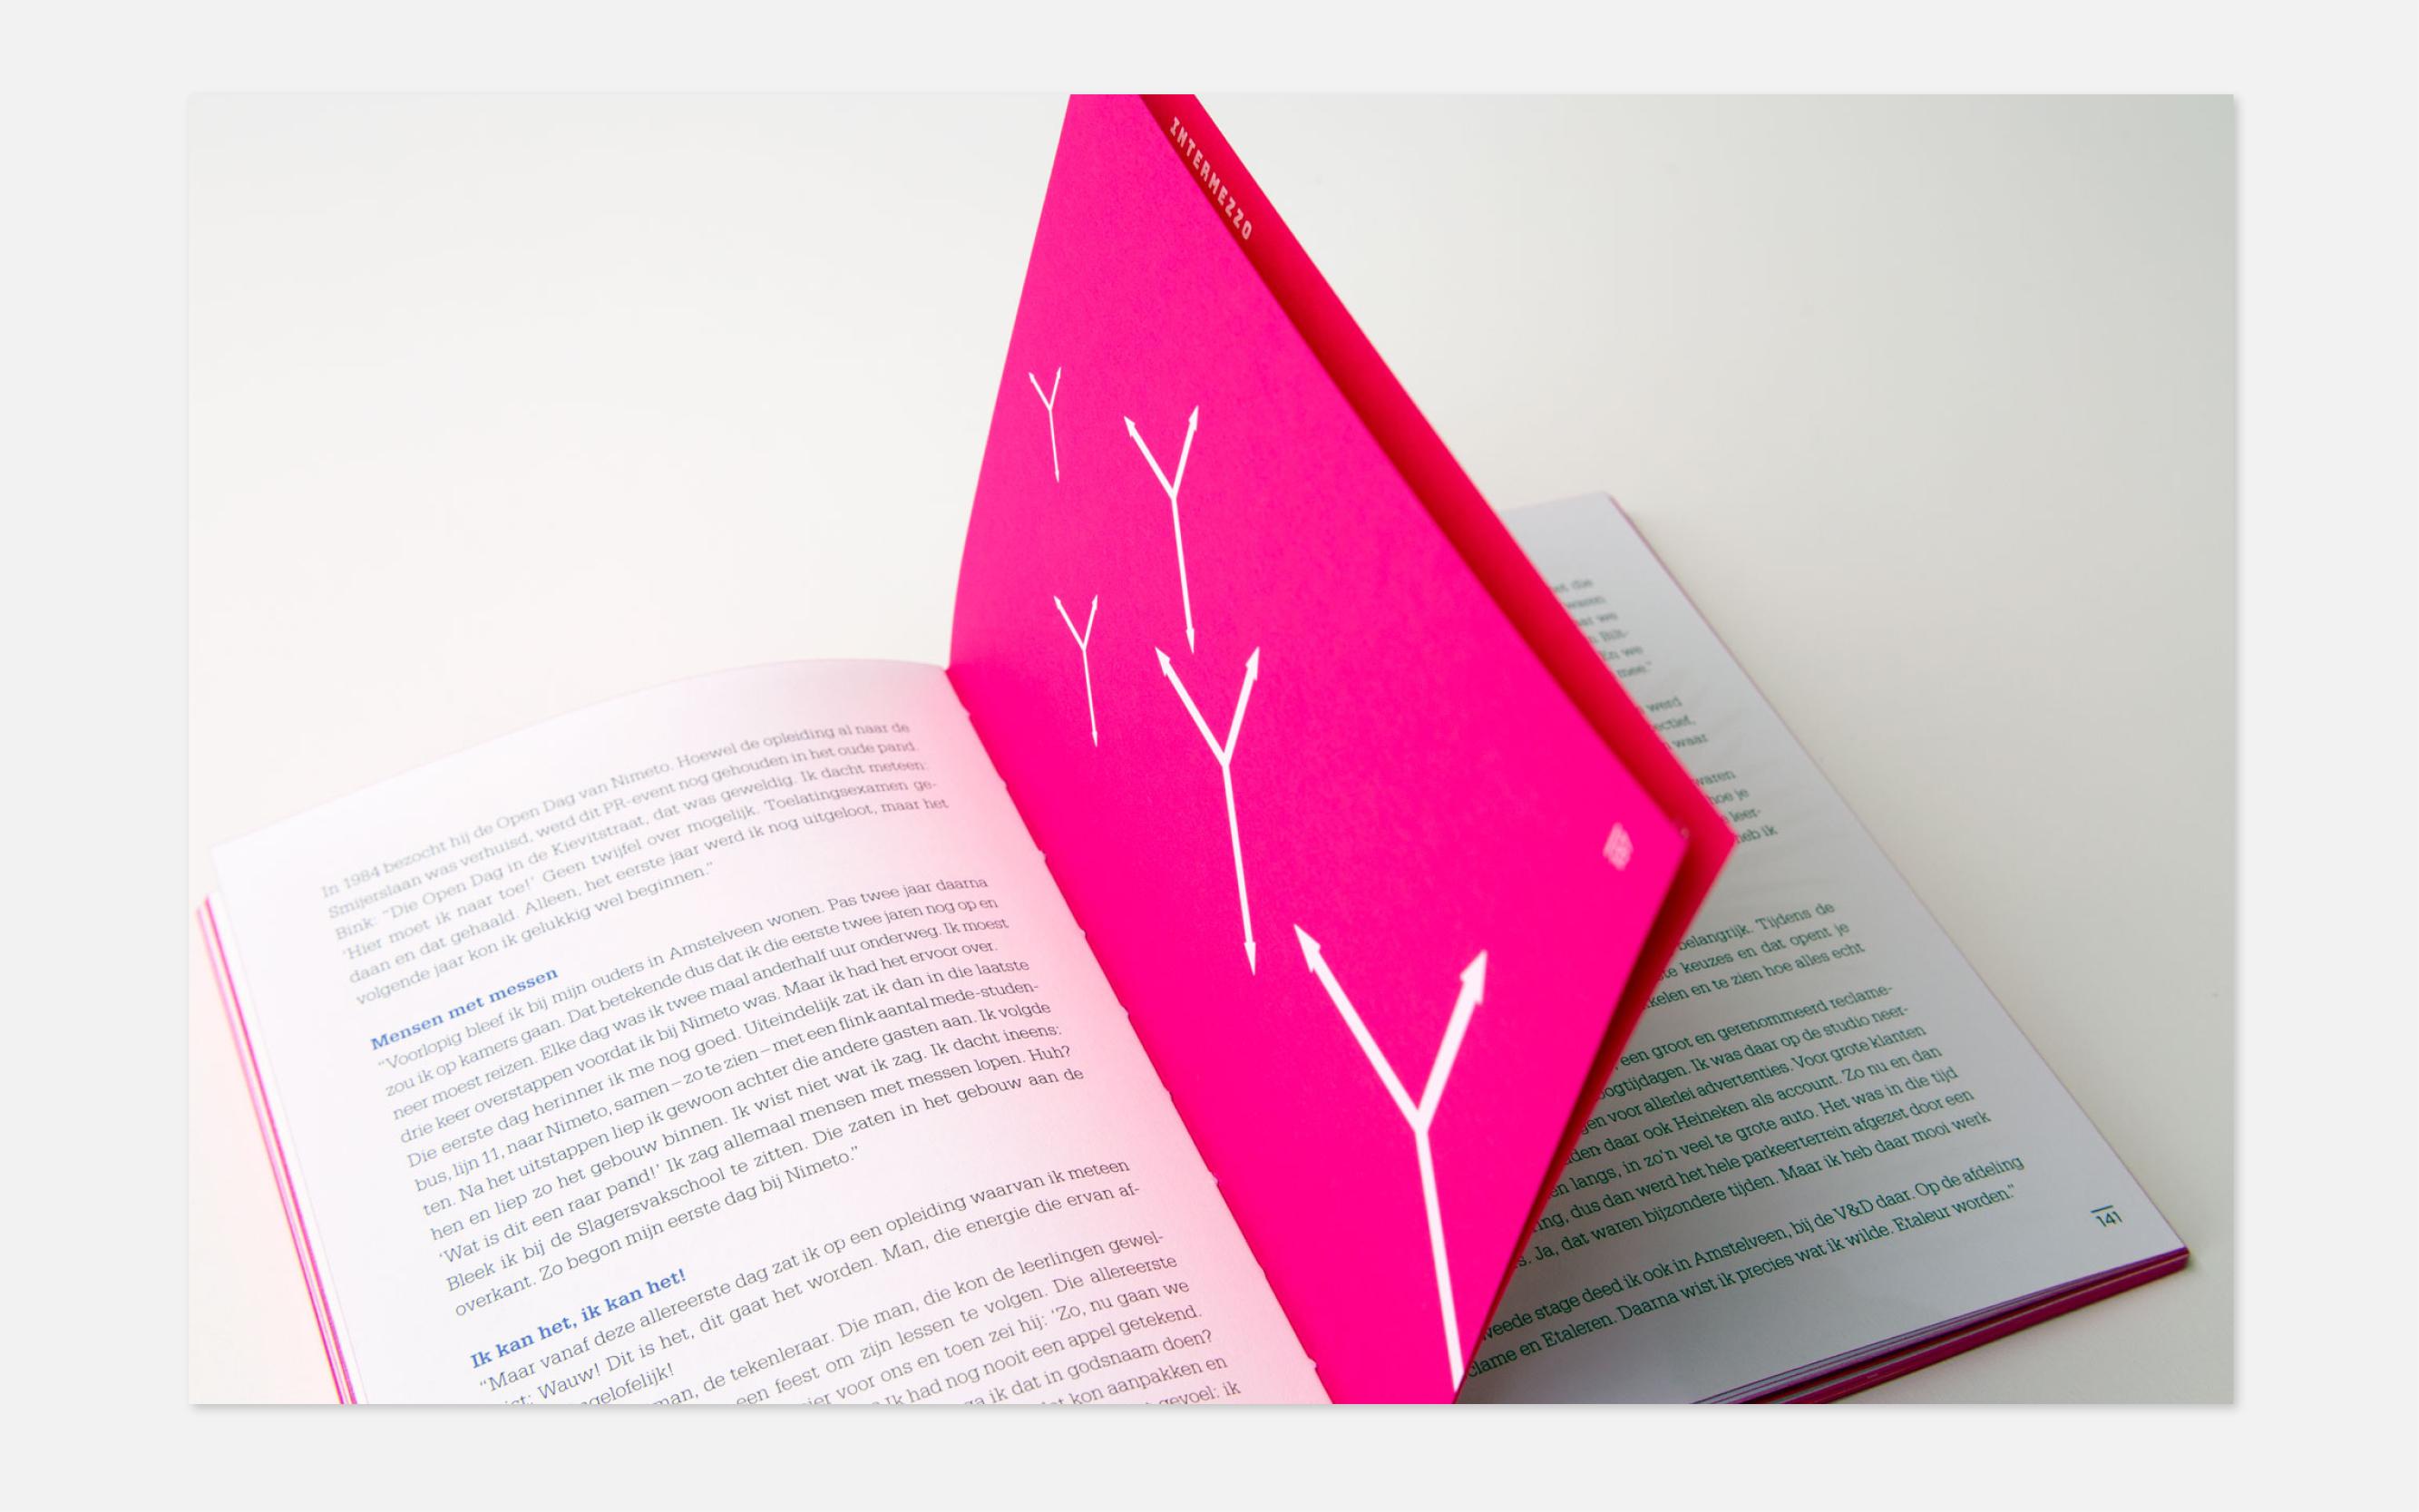 Jubileumboek_Nimeto_Utrecht4_harry de graaf